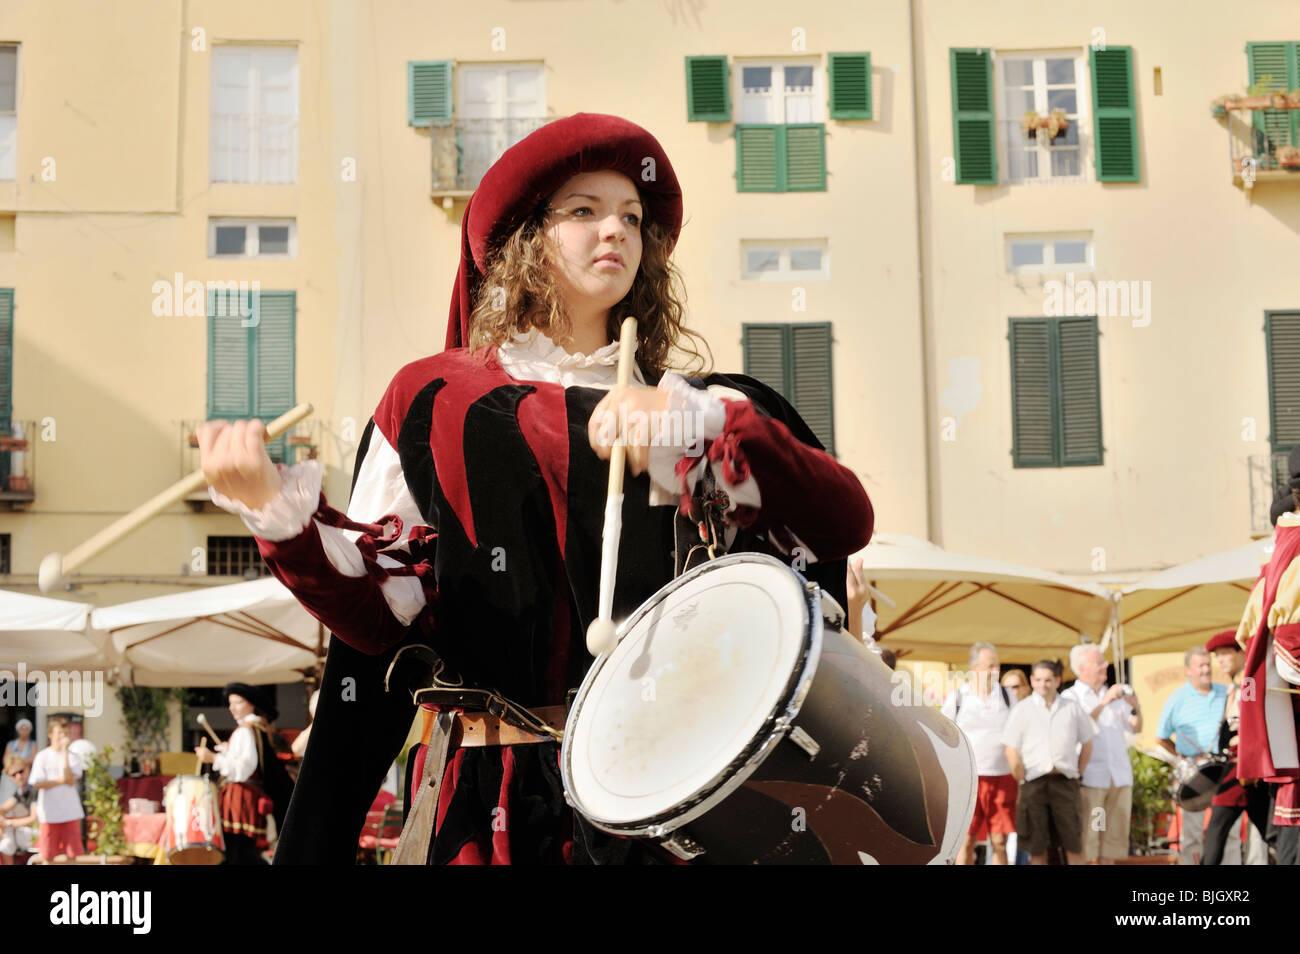 La ciudad italiana de Lucca. Mujer joven baterista en traje medieval street festival Pageant. Toscana, Italia Imagen De Stock